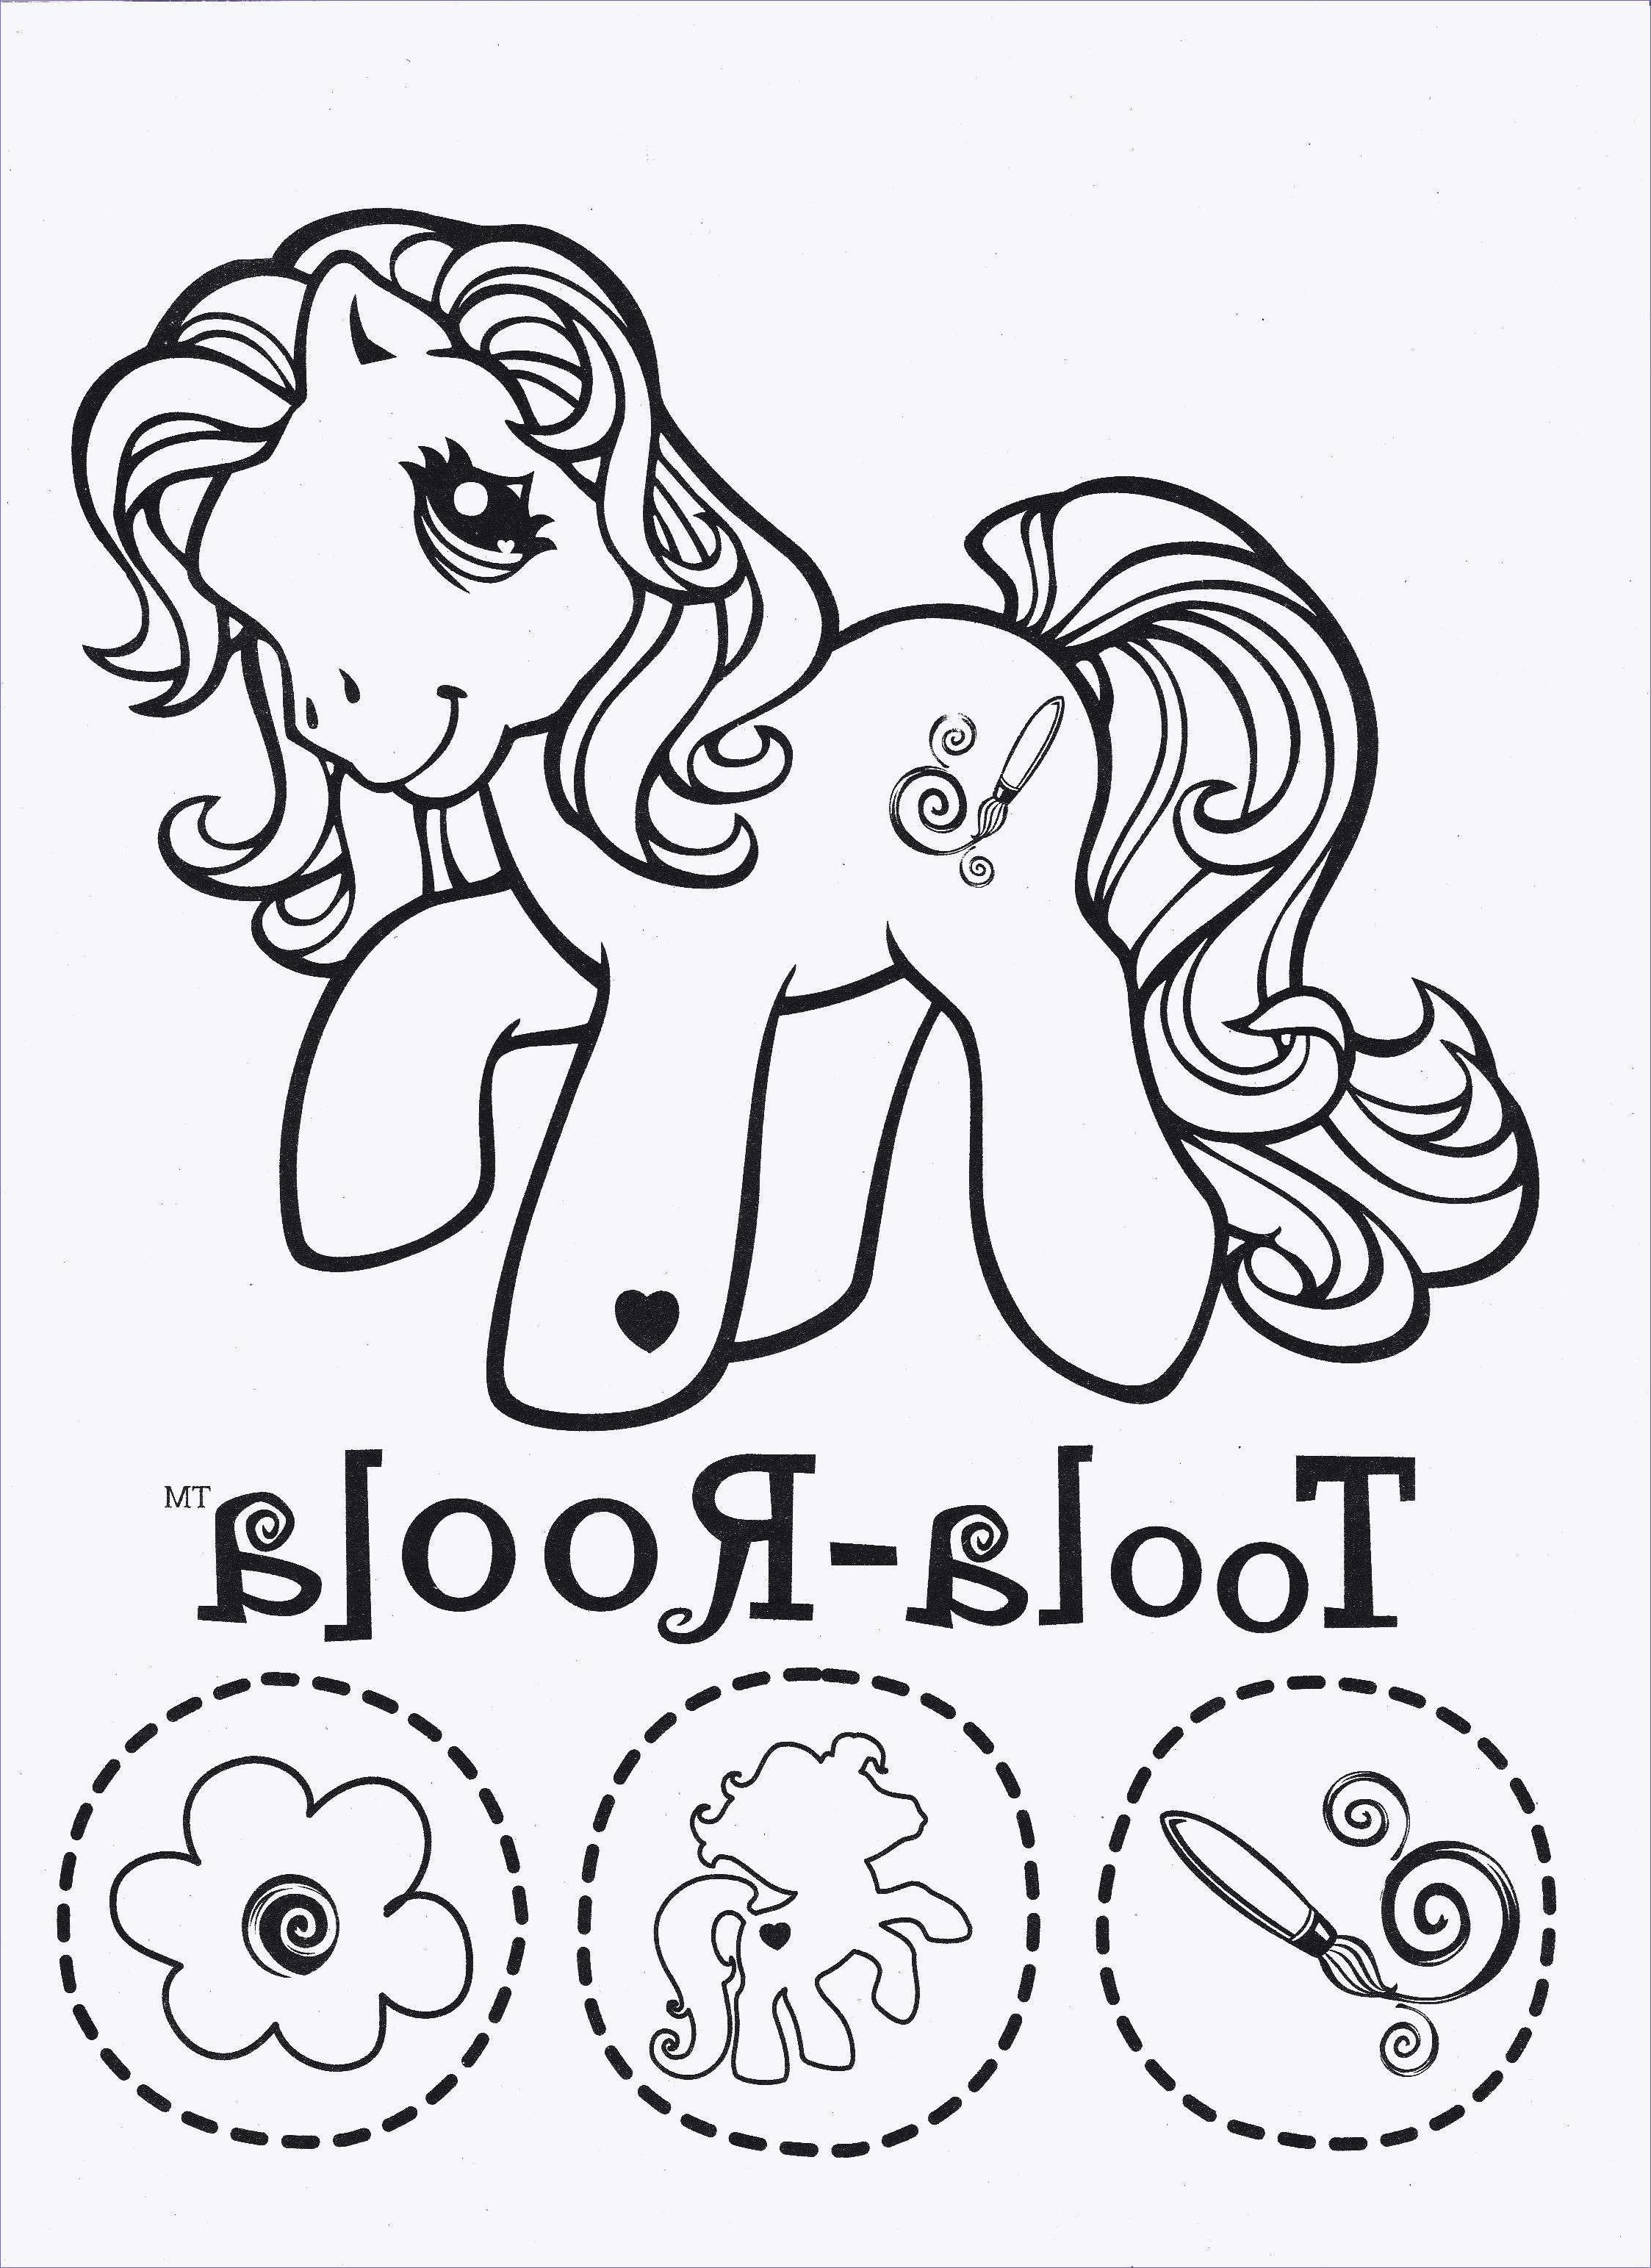 Ausmalbilder My Little Pony Equestria Girl Inspirierend 32 Fantastisch Ausmalbilder My Little Pony – Malvorlagen Ideen Sammlung